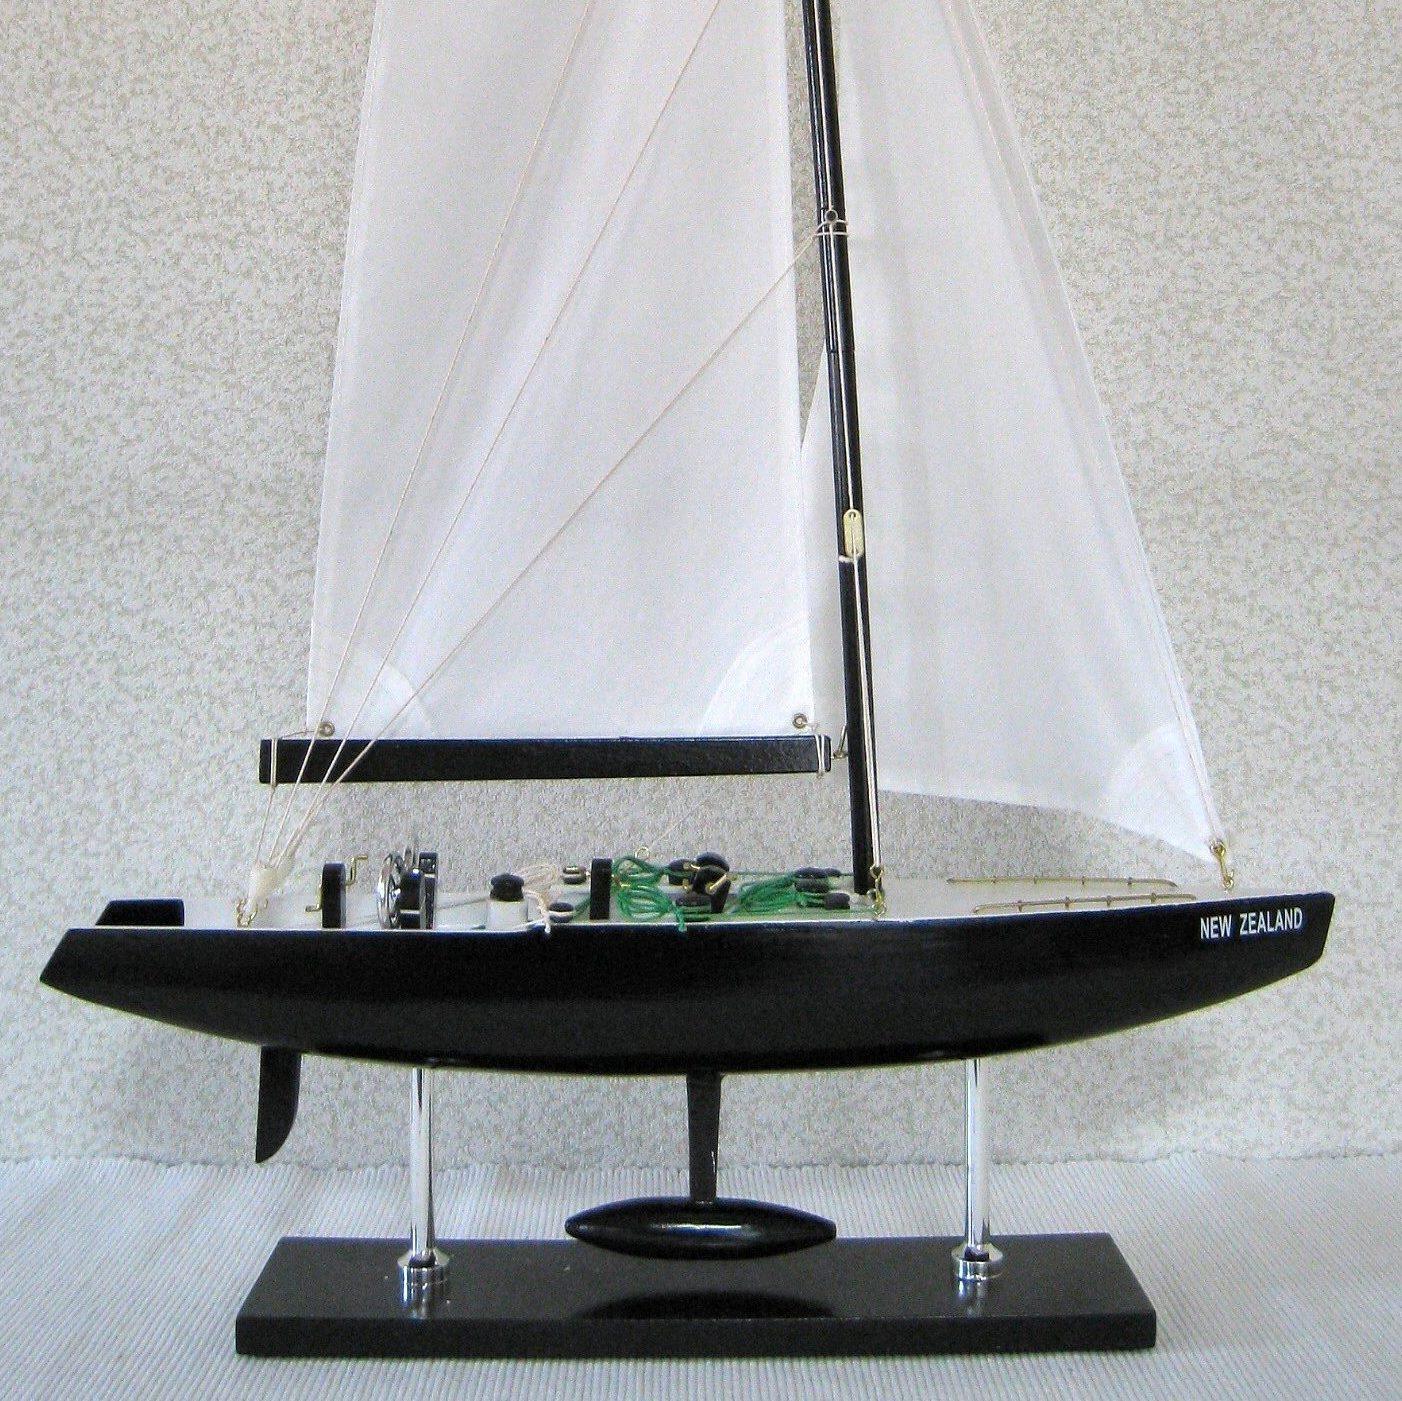 ヨット模型 NZL_82 ニュージーランド ブラックマジック